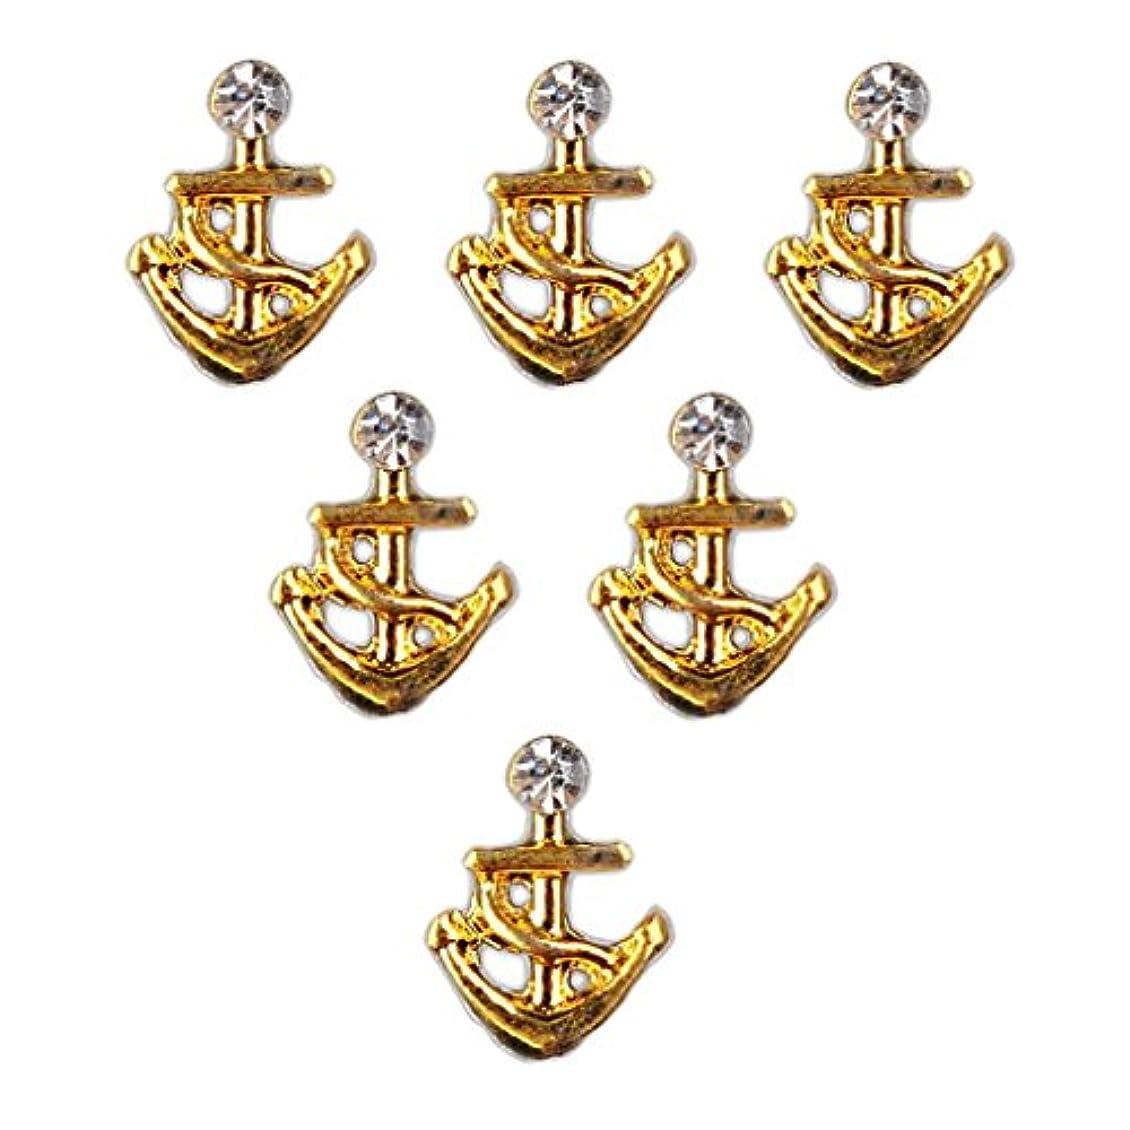 女優オピエート親密なPerfk ネイル ネイルデザイン ダイヤモンド 約50個 3Dネイルアート ヒントステッカー 装飾 おしゃれ 全8タイプ選べ - 1